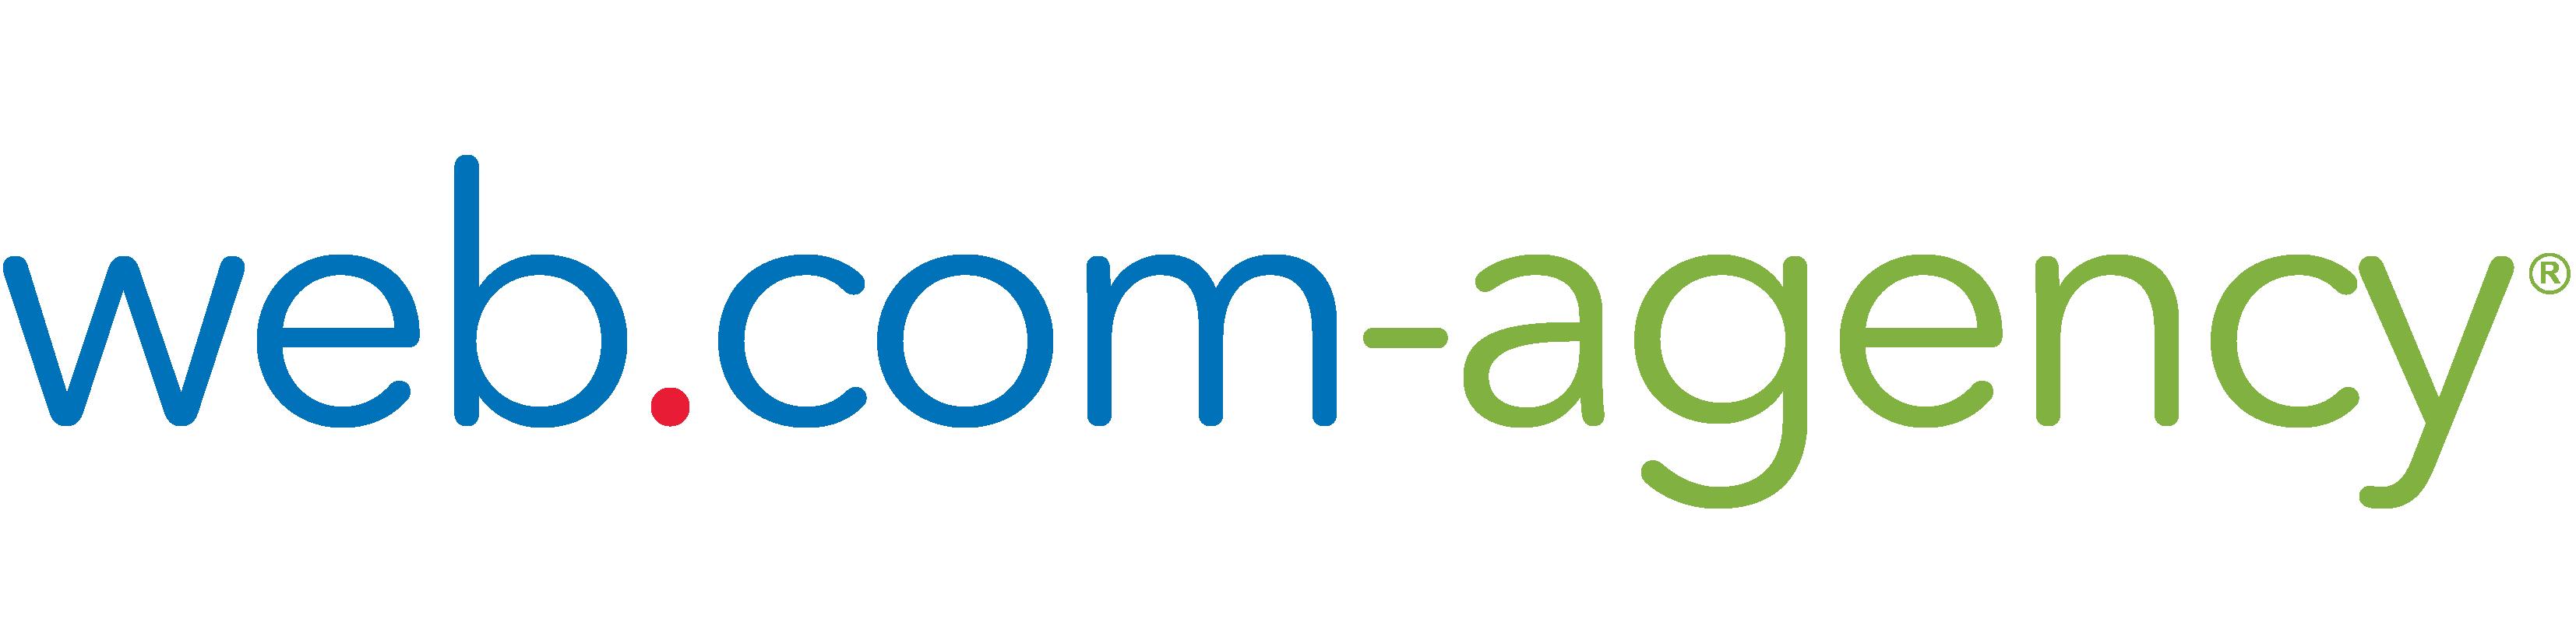 Web.com Agency